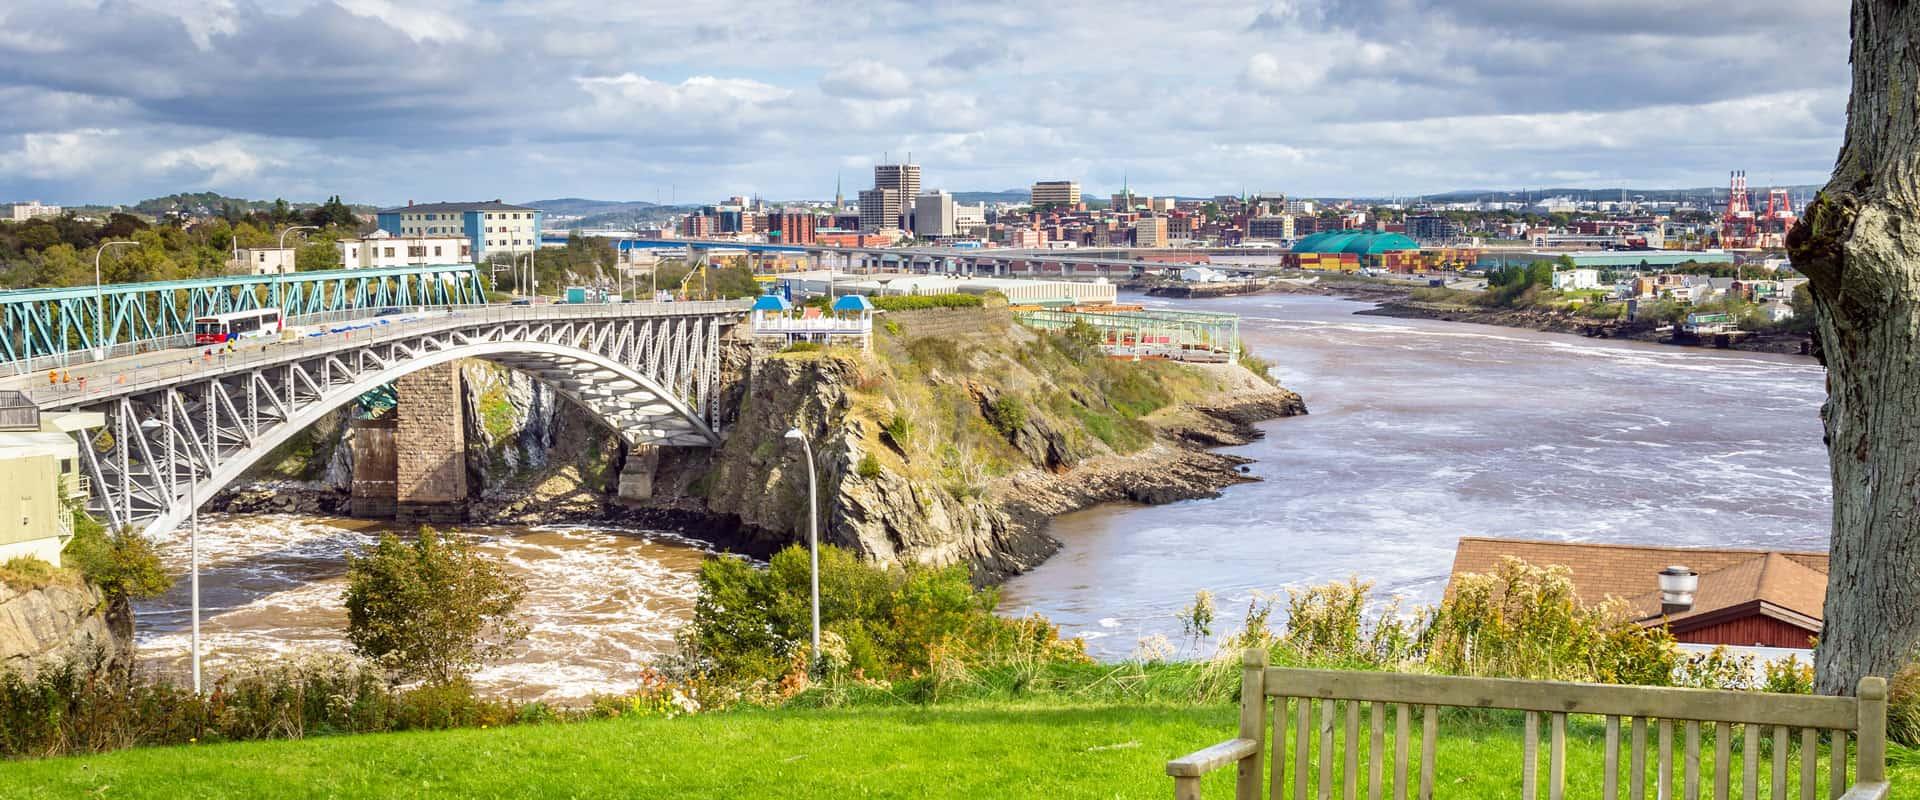 Photo of Reversing Falls in Saint John, New Brunswick